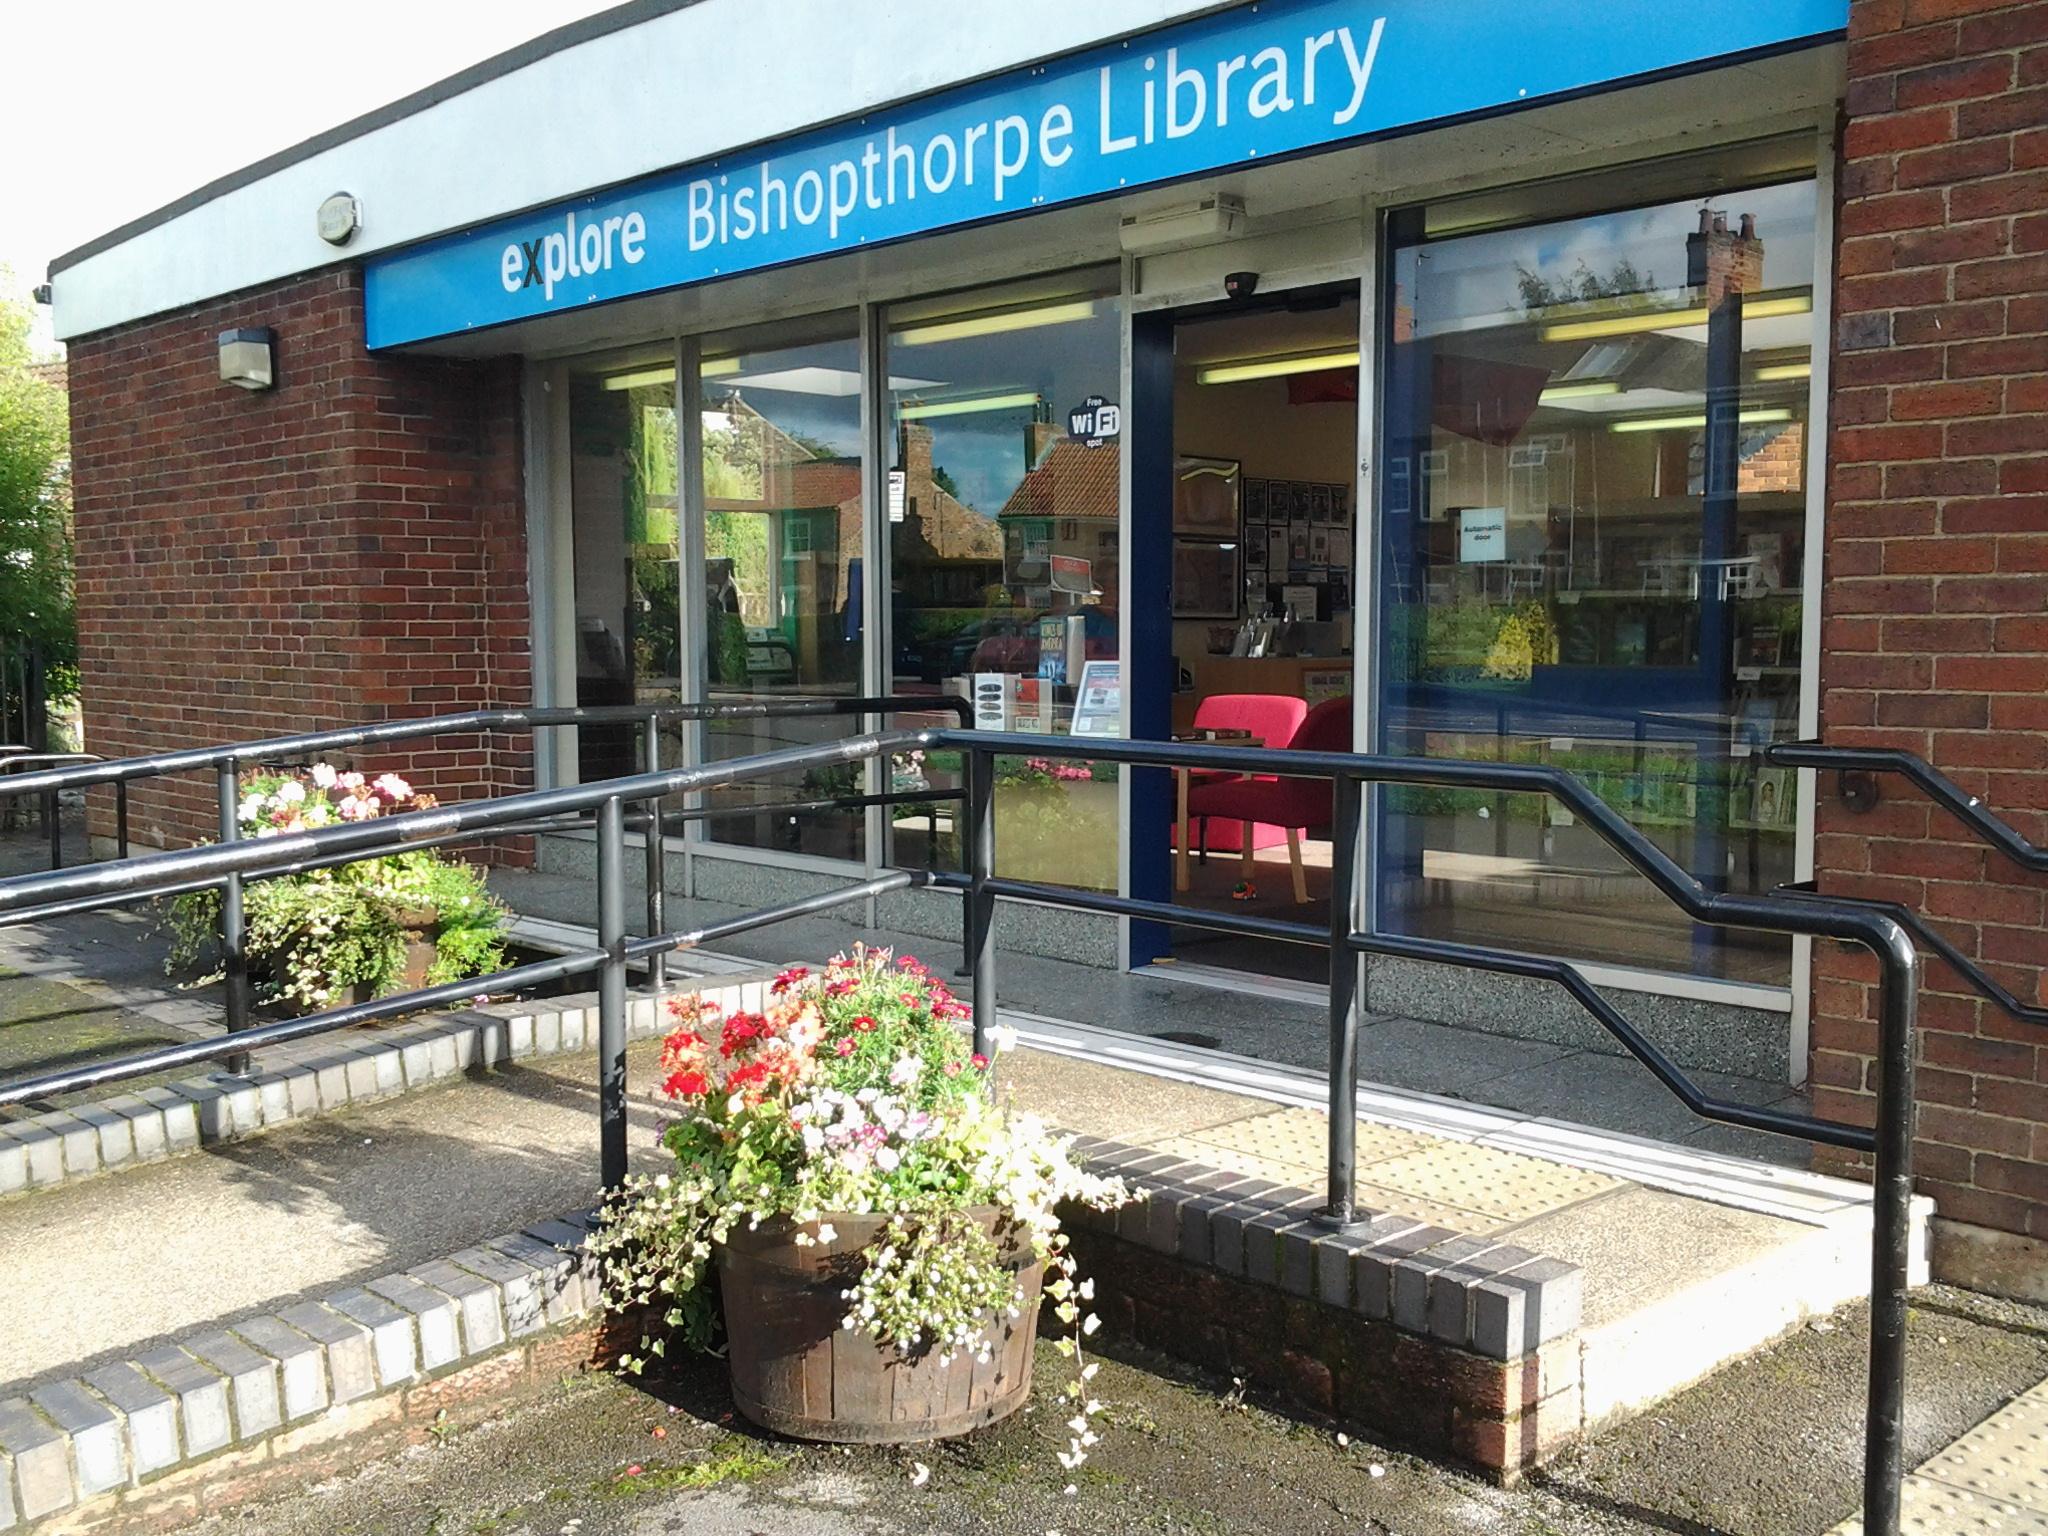 Bishopthorpe Library